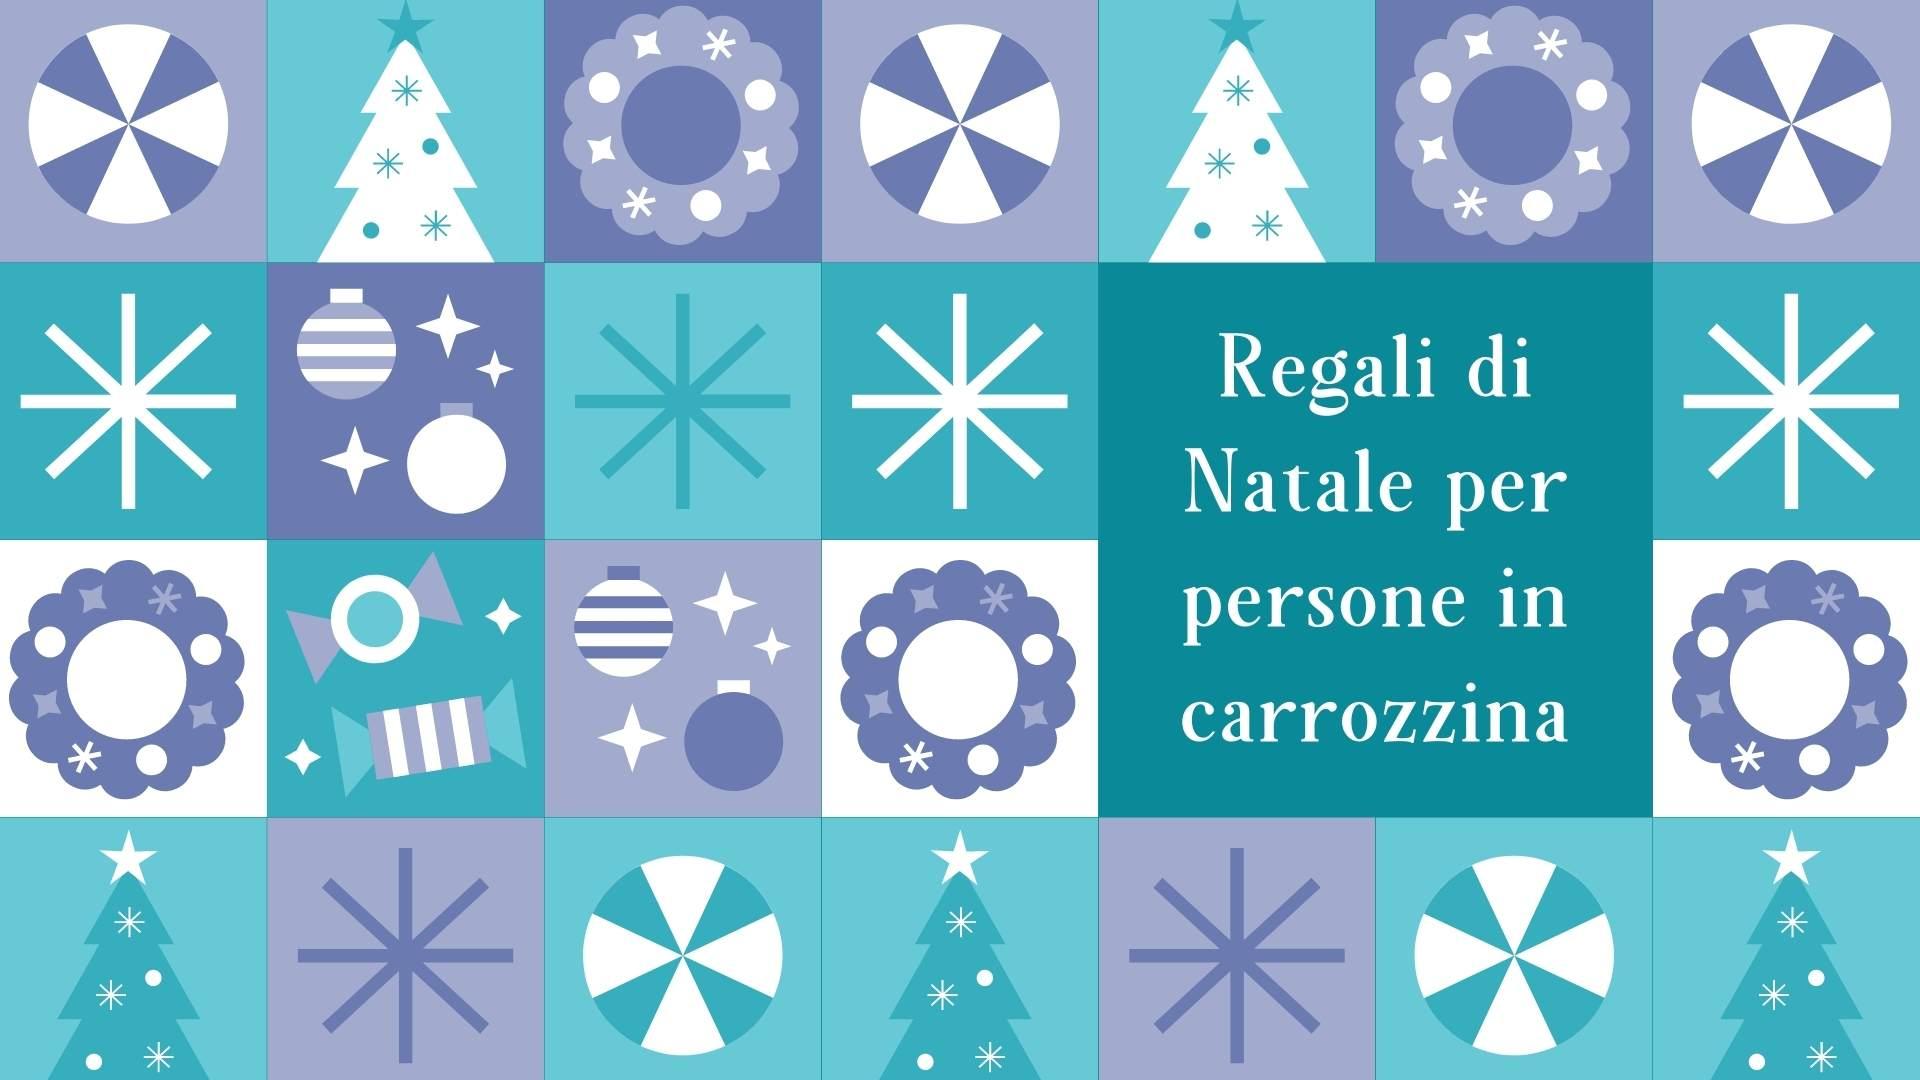 Regali di Natale utili ad una persona in carrozzina